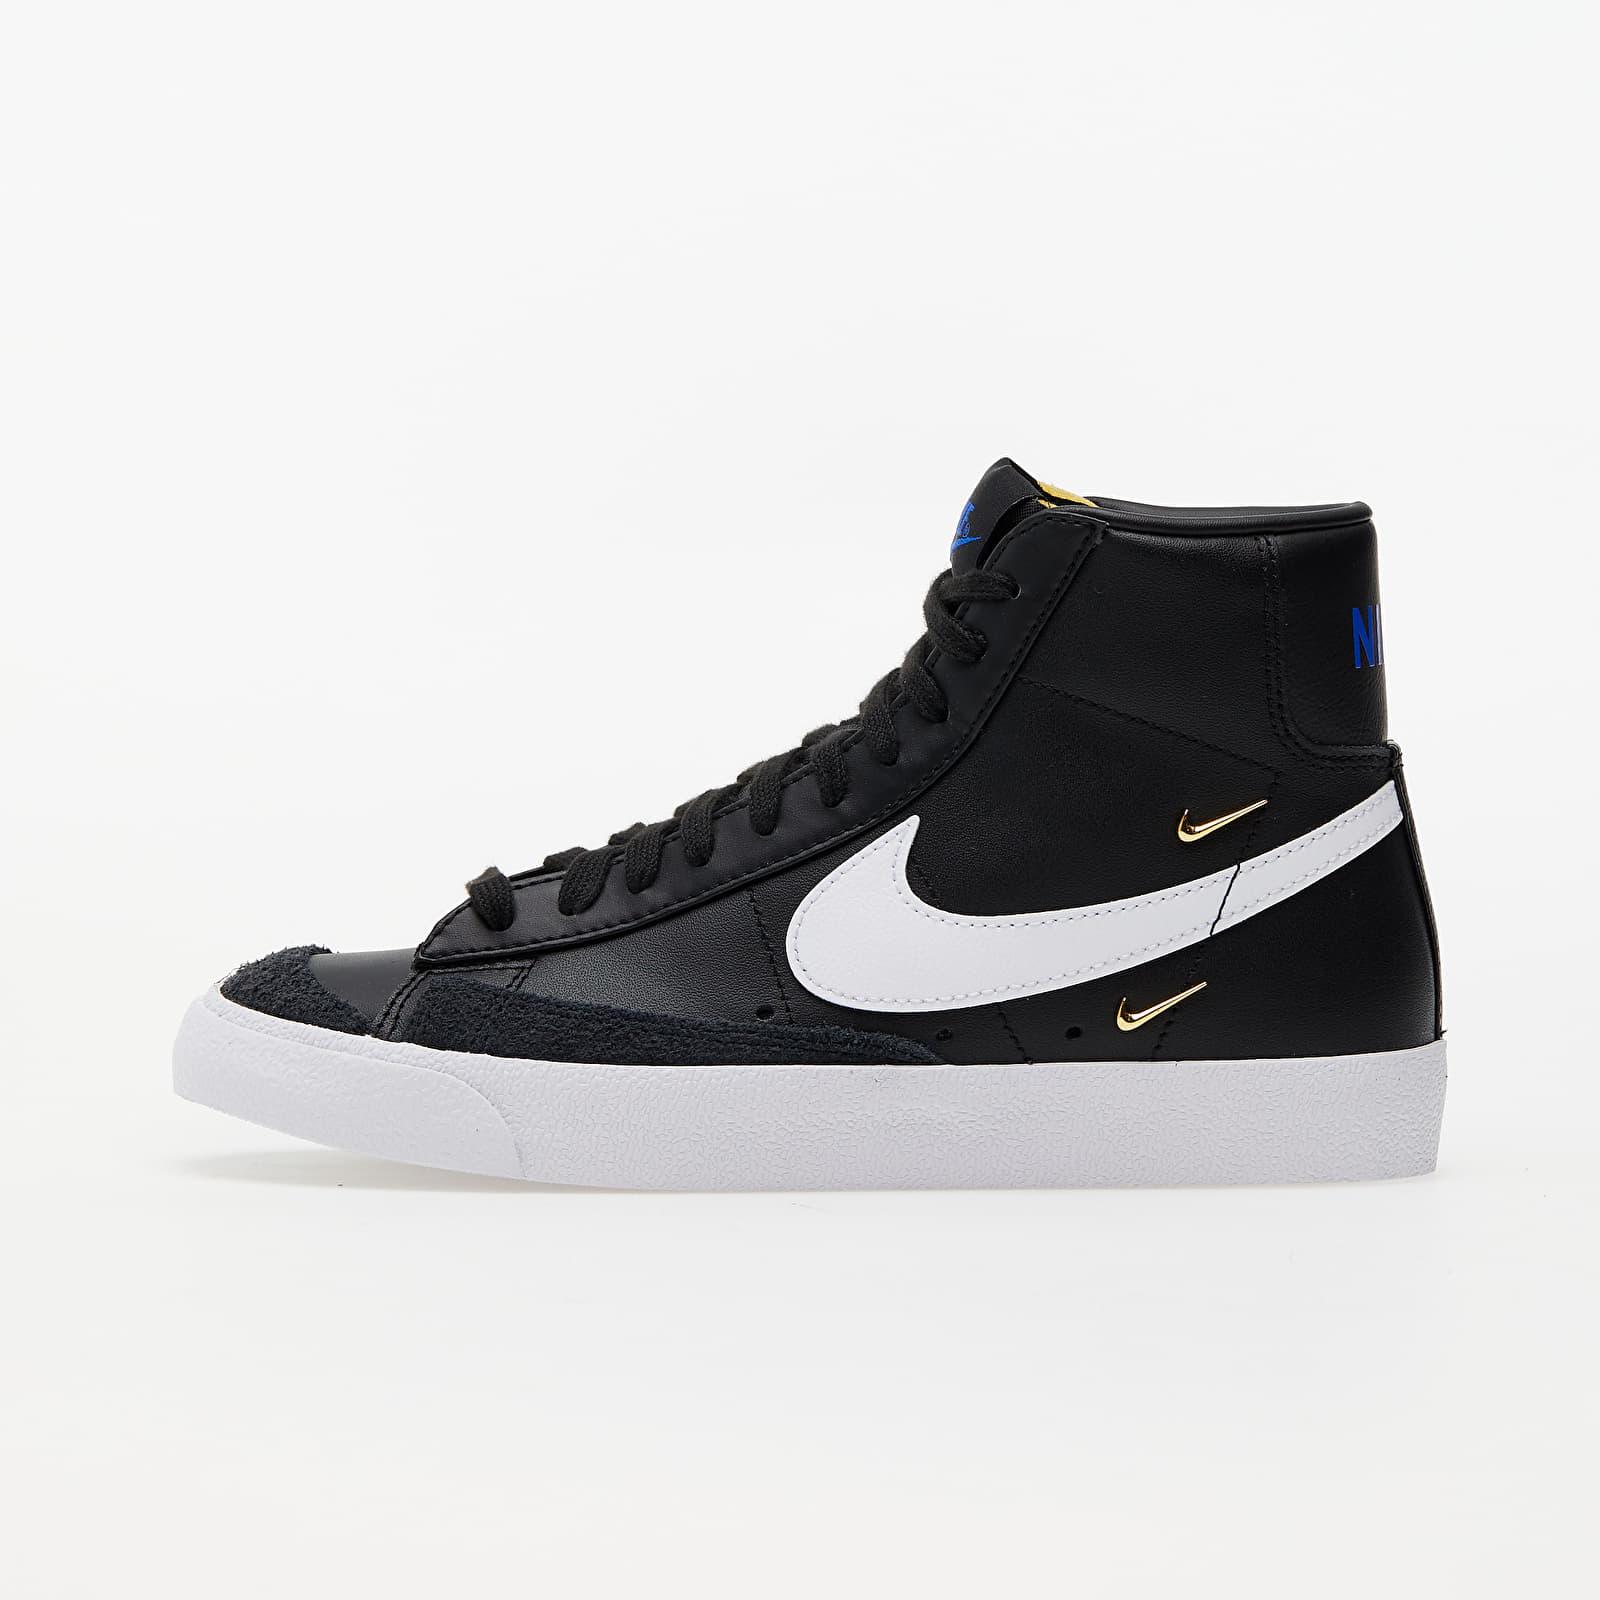 Nike W Blazer Mid '77 SE Black/ White-Hyper Royal-White CZ4627-001